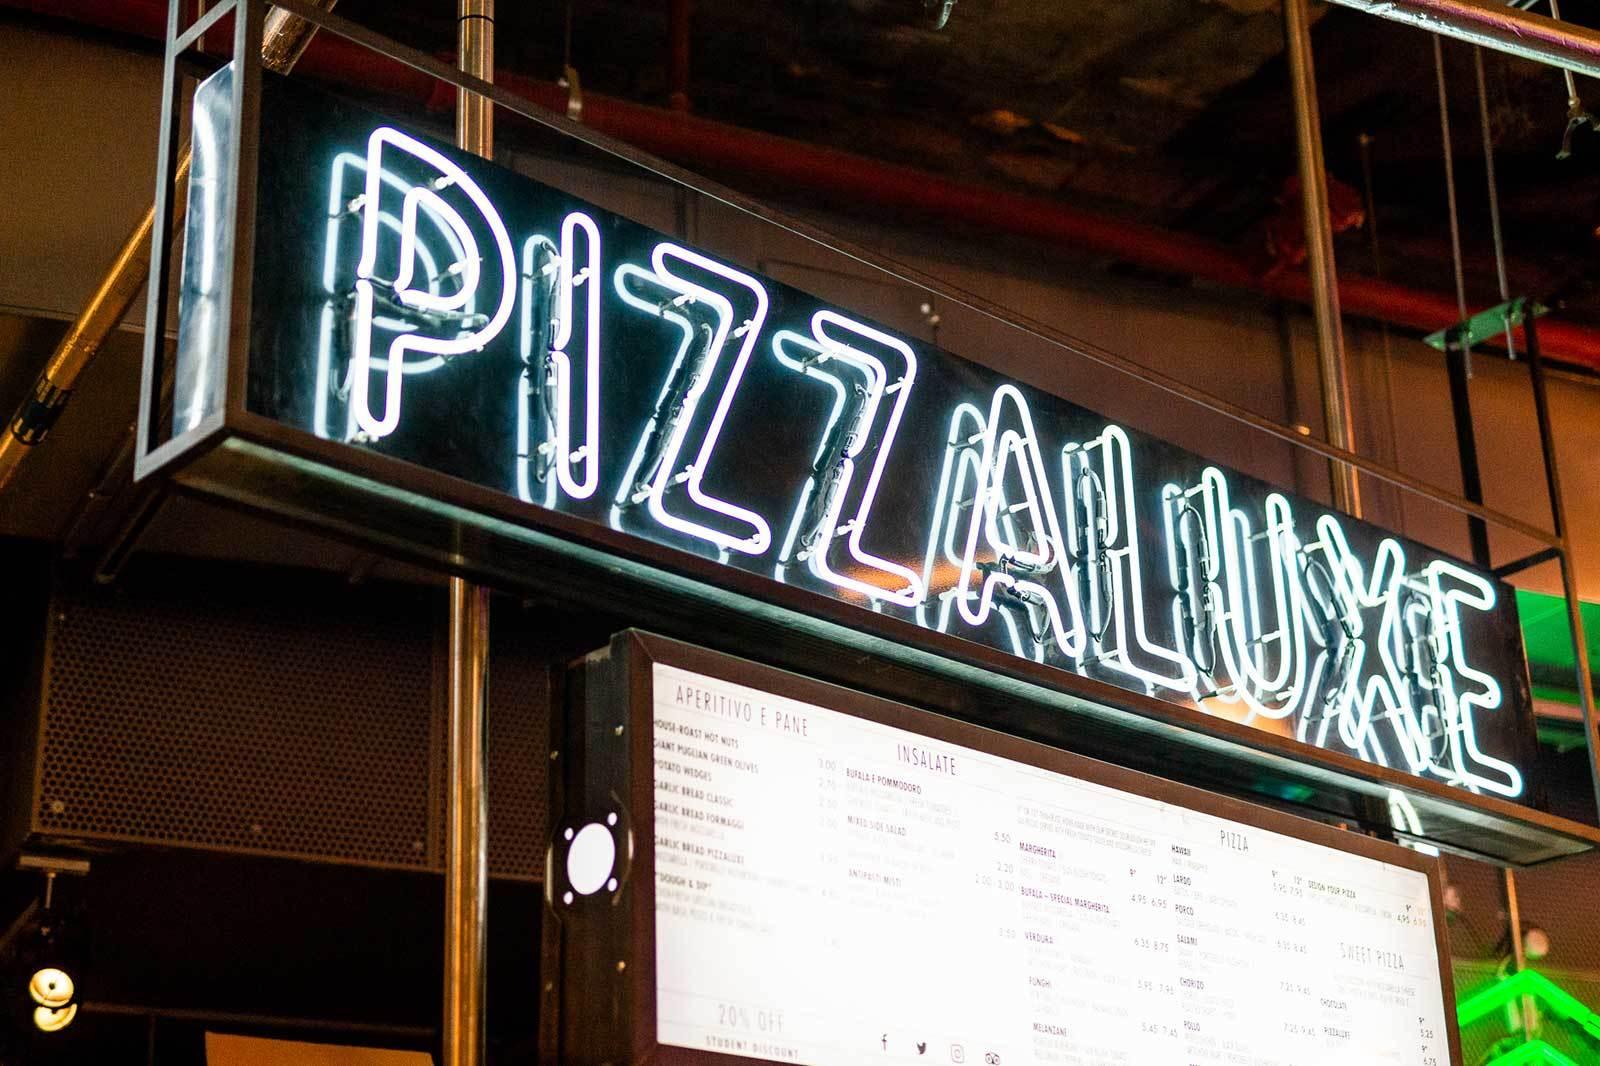 Pizzaluxe leeds